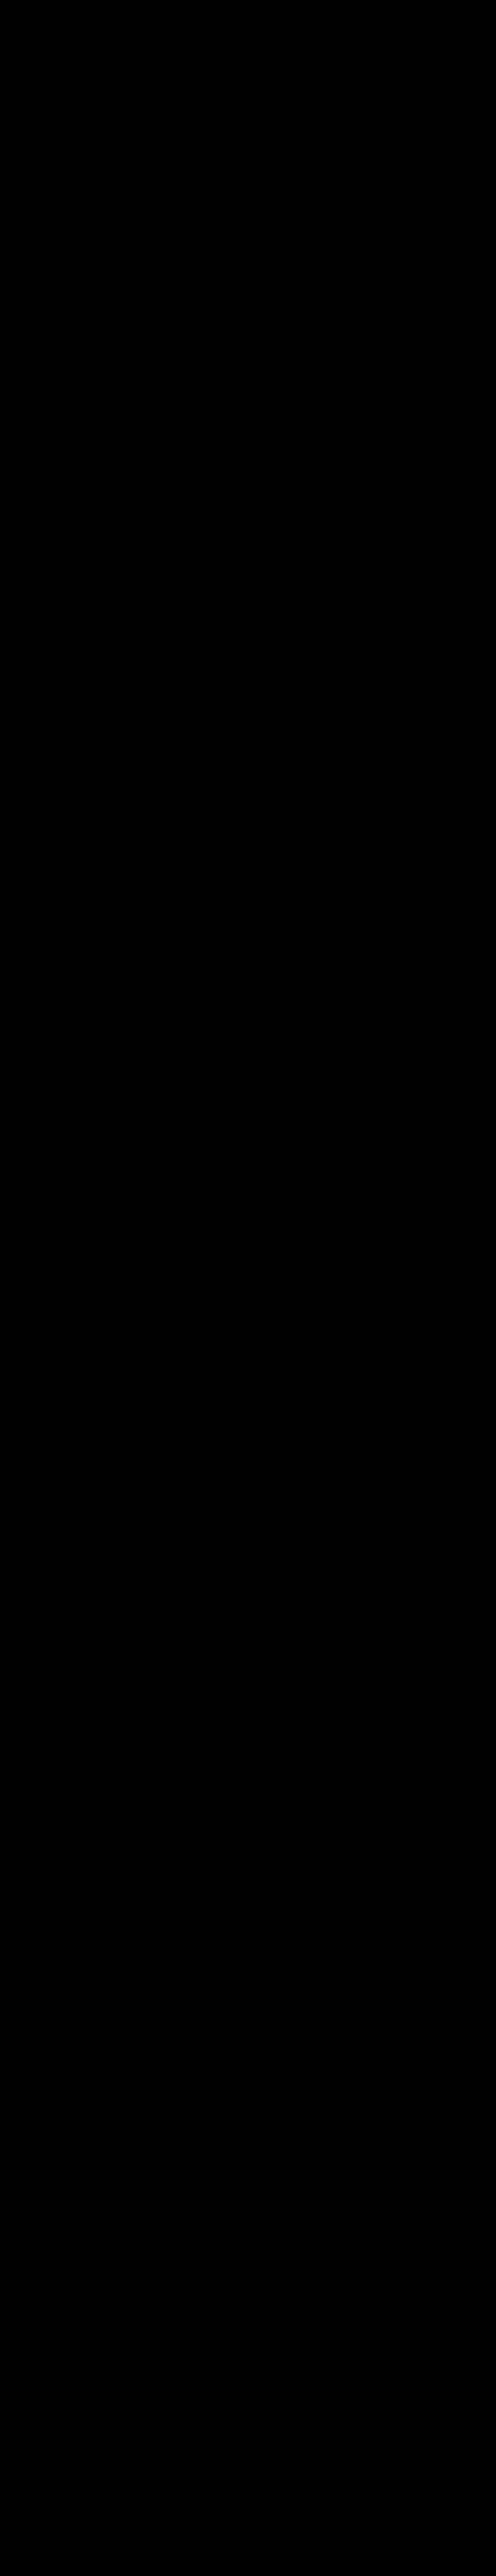 volvo pv 444 1951